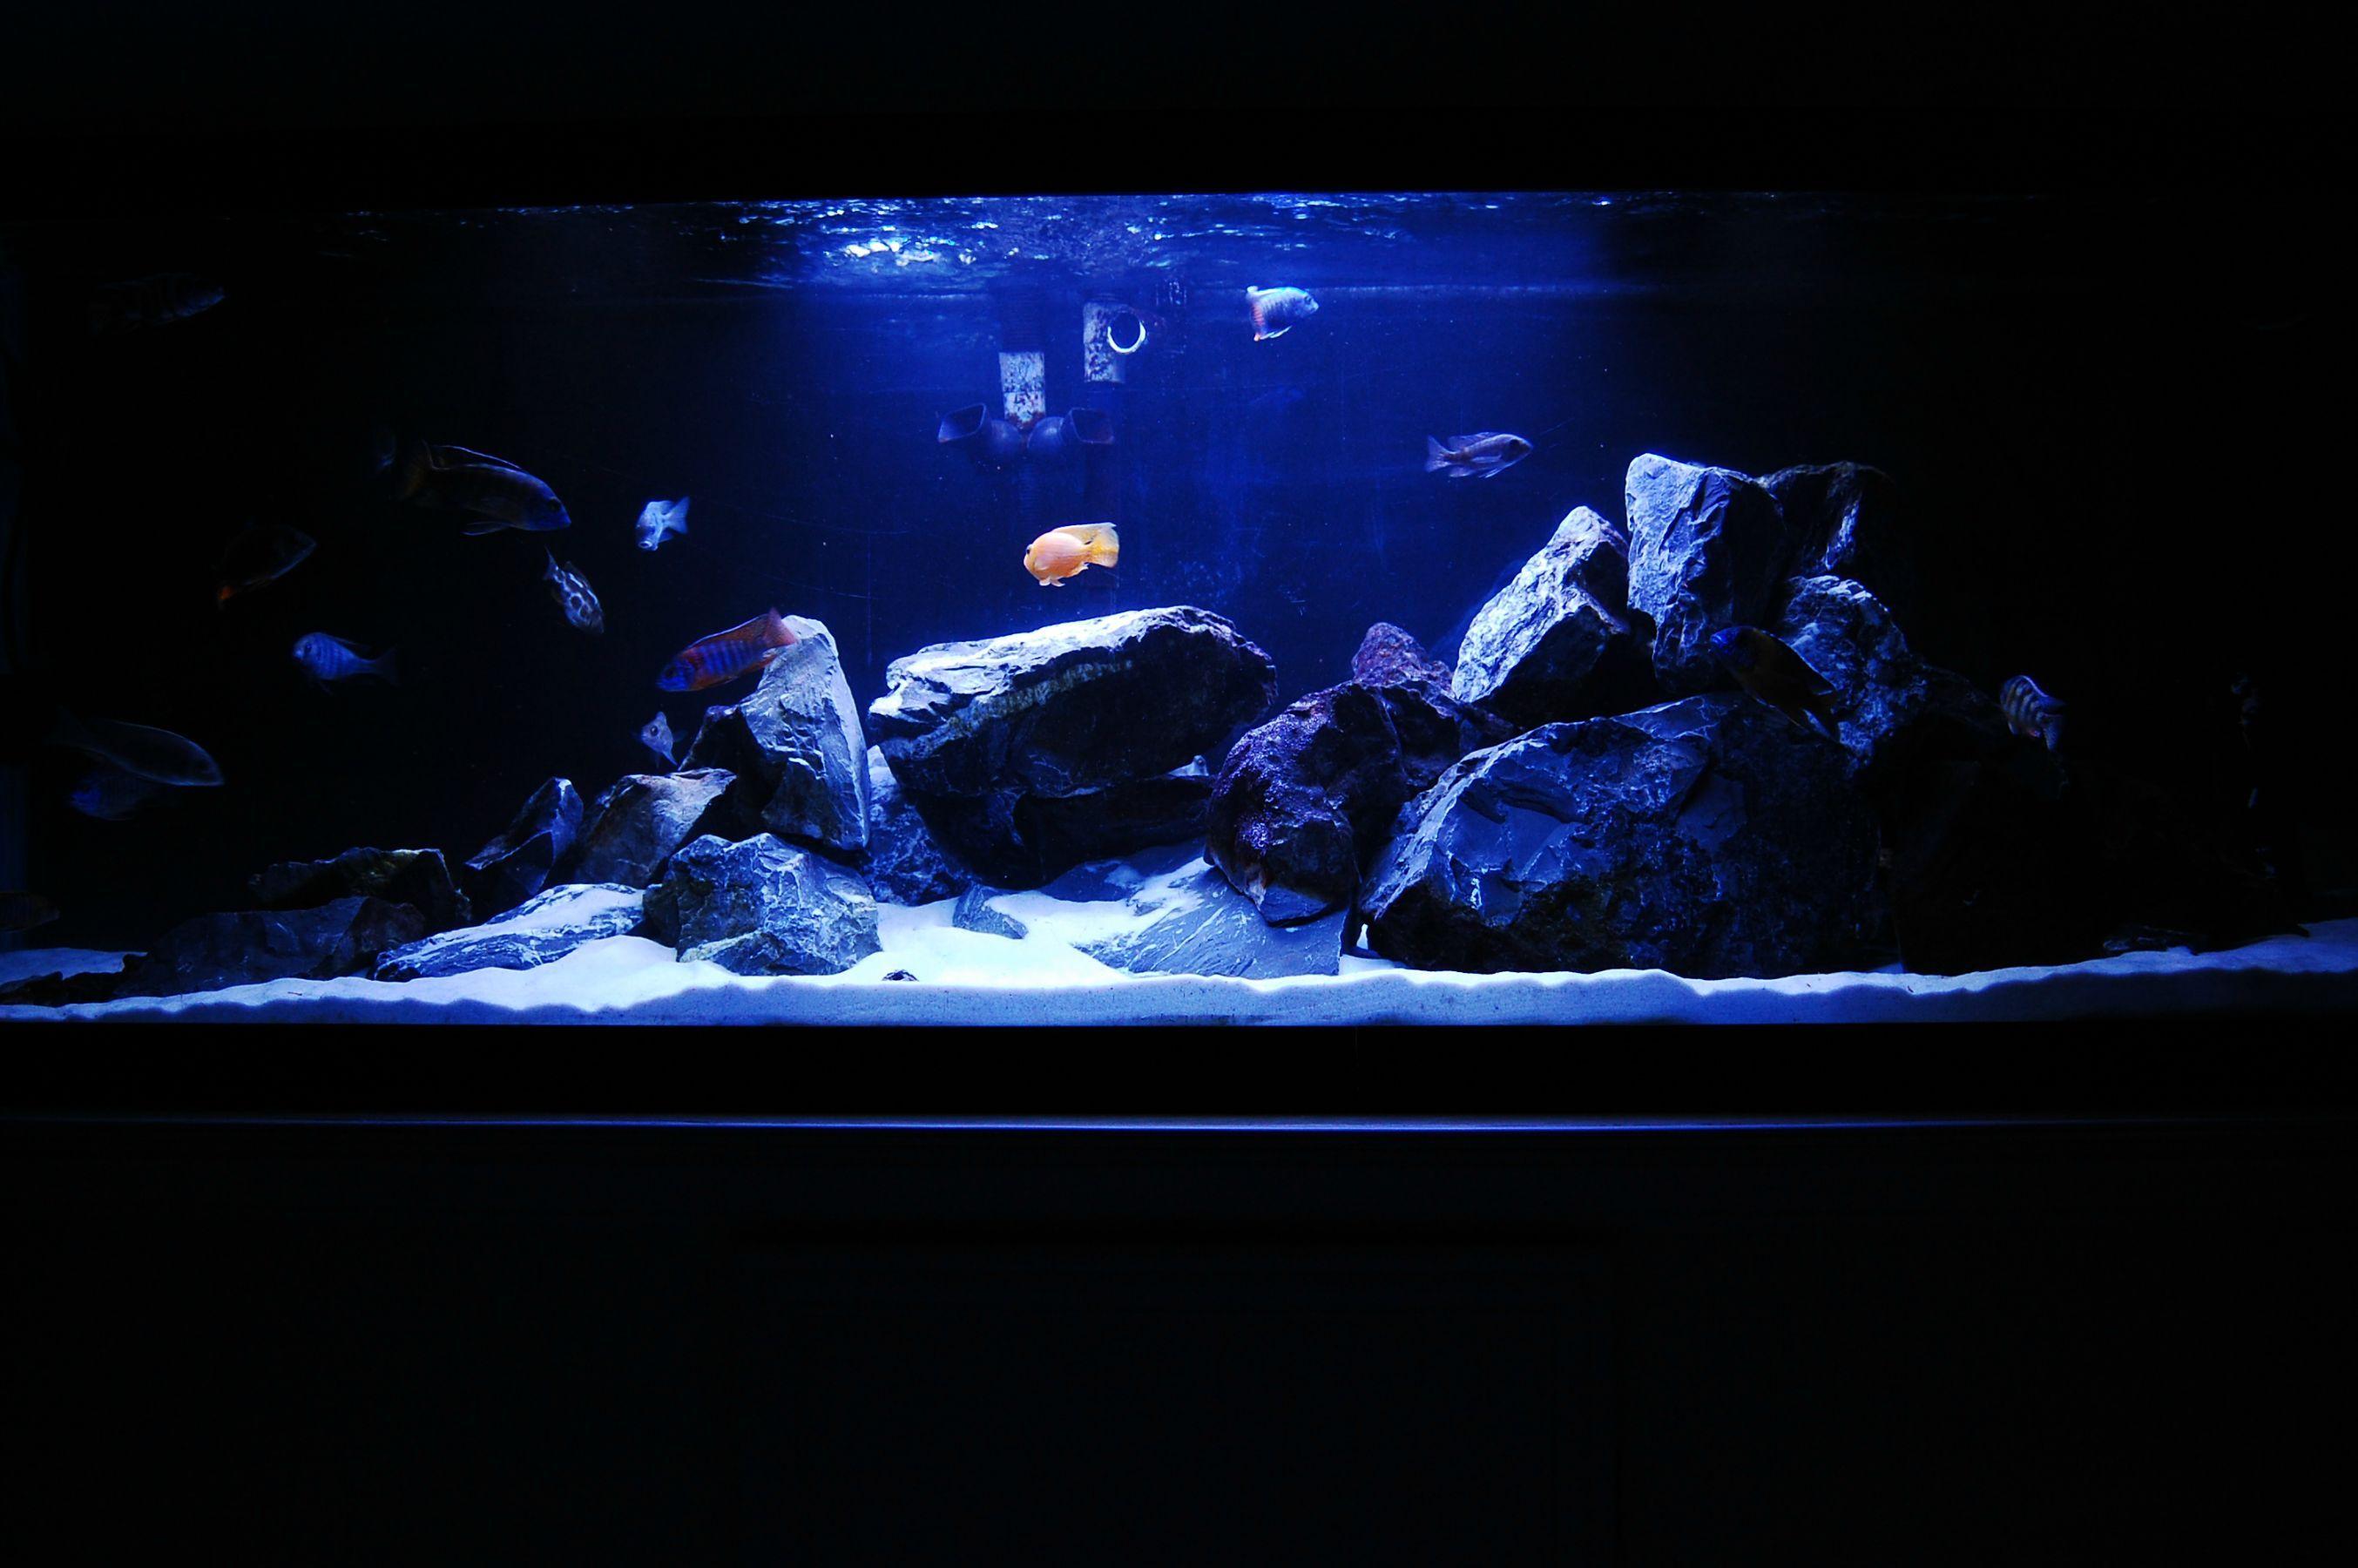 0d72c39b402dd5caca041354e2acd48e Frais De Aquarium original Des Idées